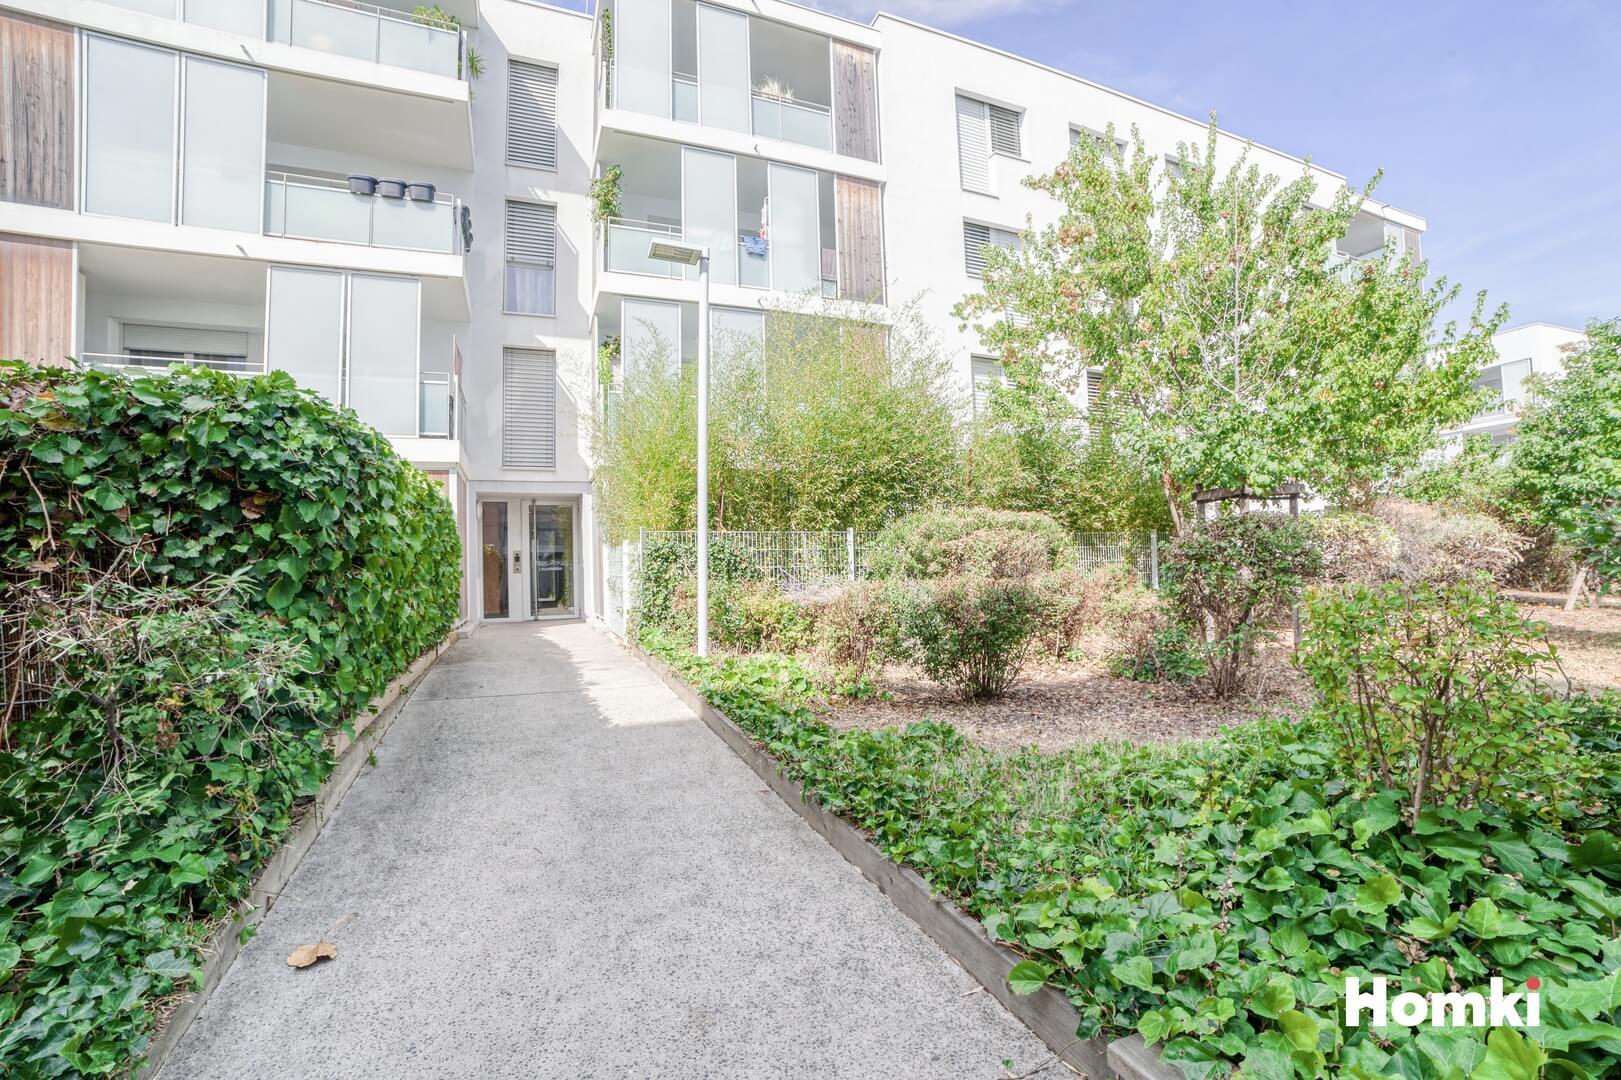 Homki - Vente Appartement  de 78.0 m² à Vénissieux 69200